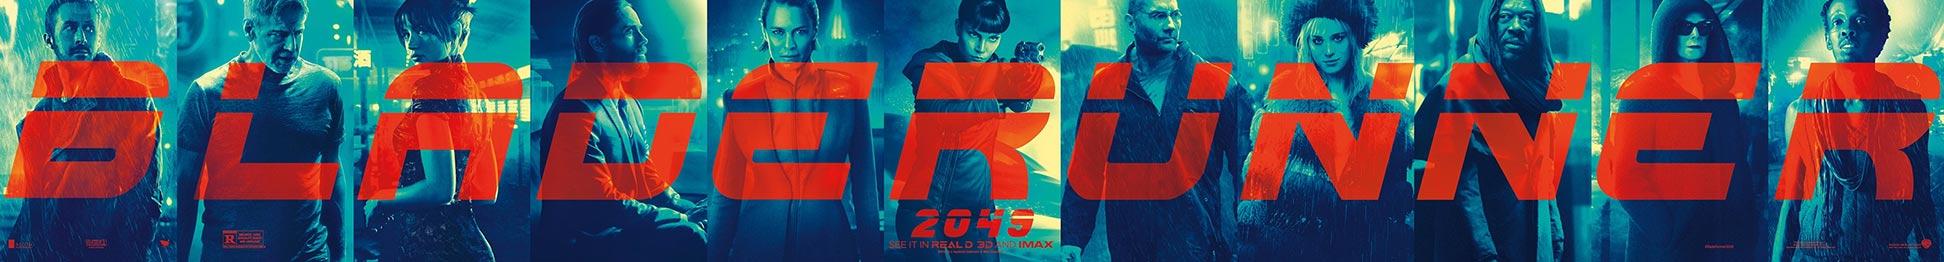 Blade Runner 2049 Poster #19